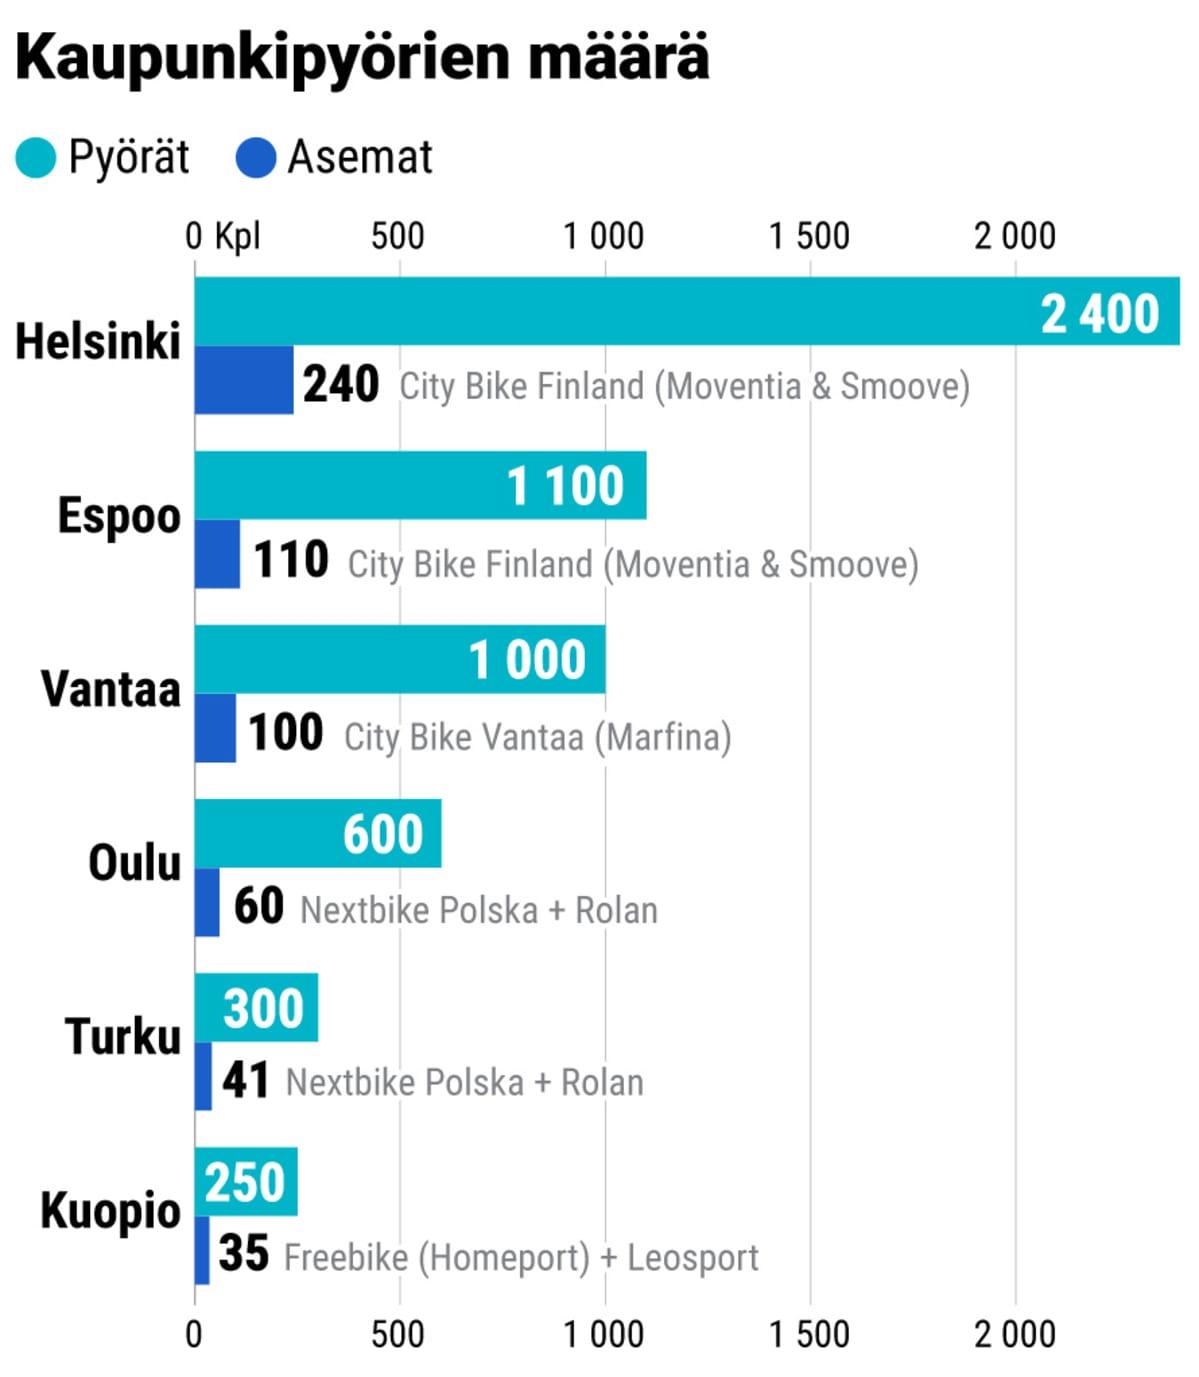 Kaupunkipyörien määrät eri kaupungeissa. Grafiikka.